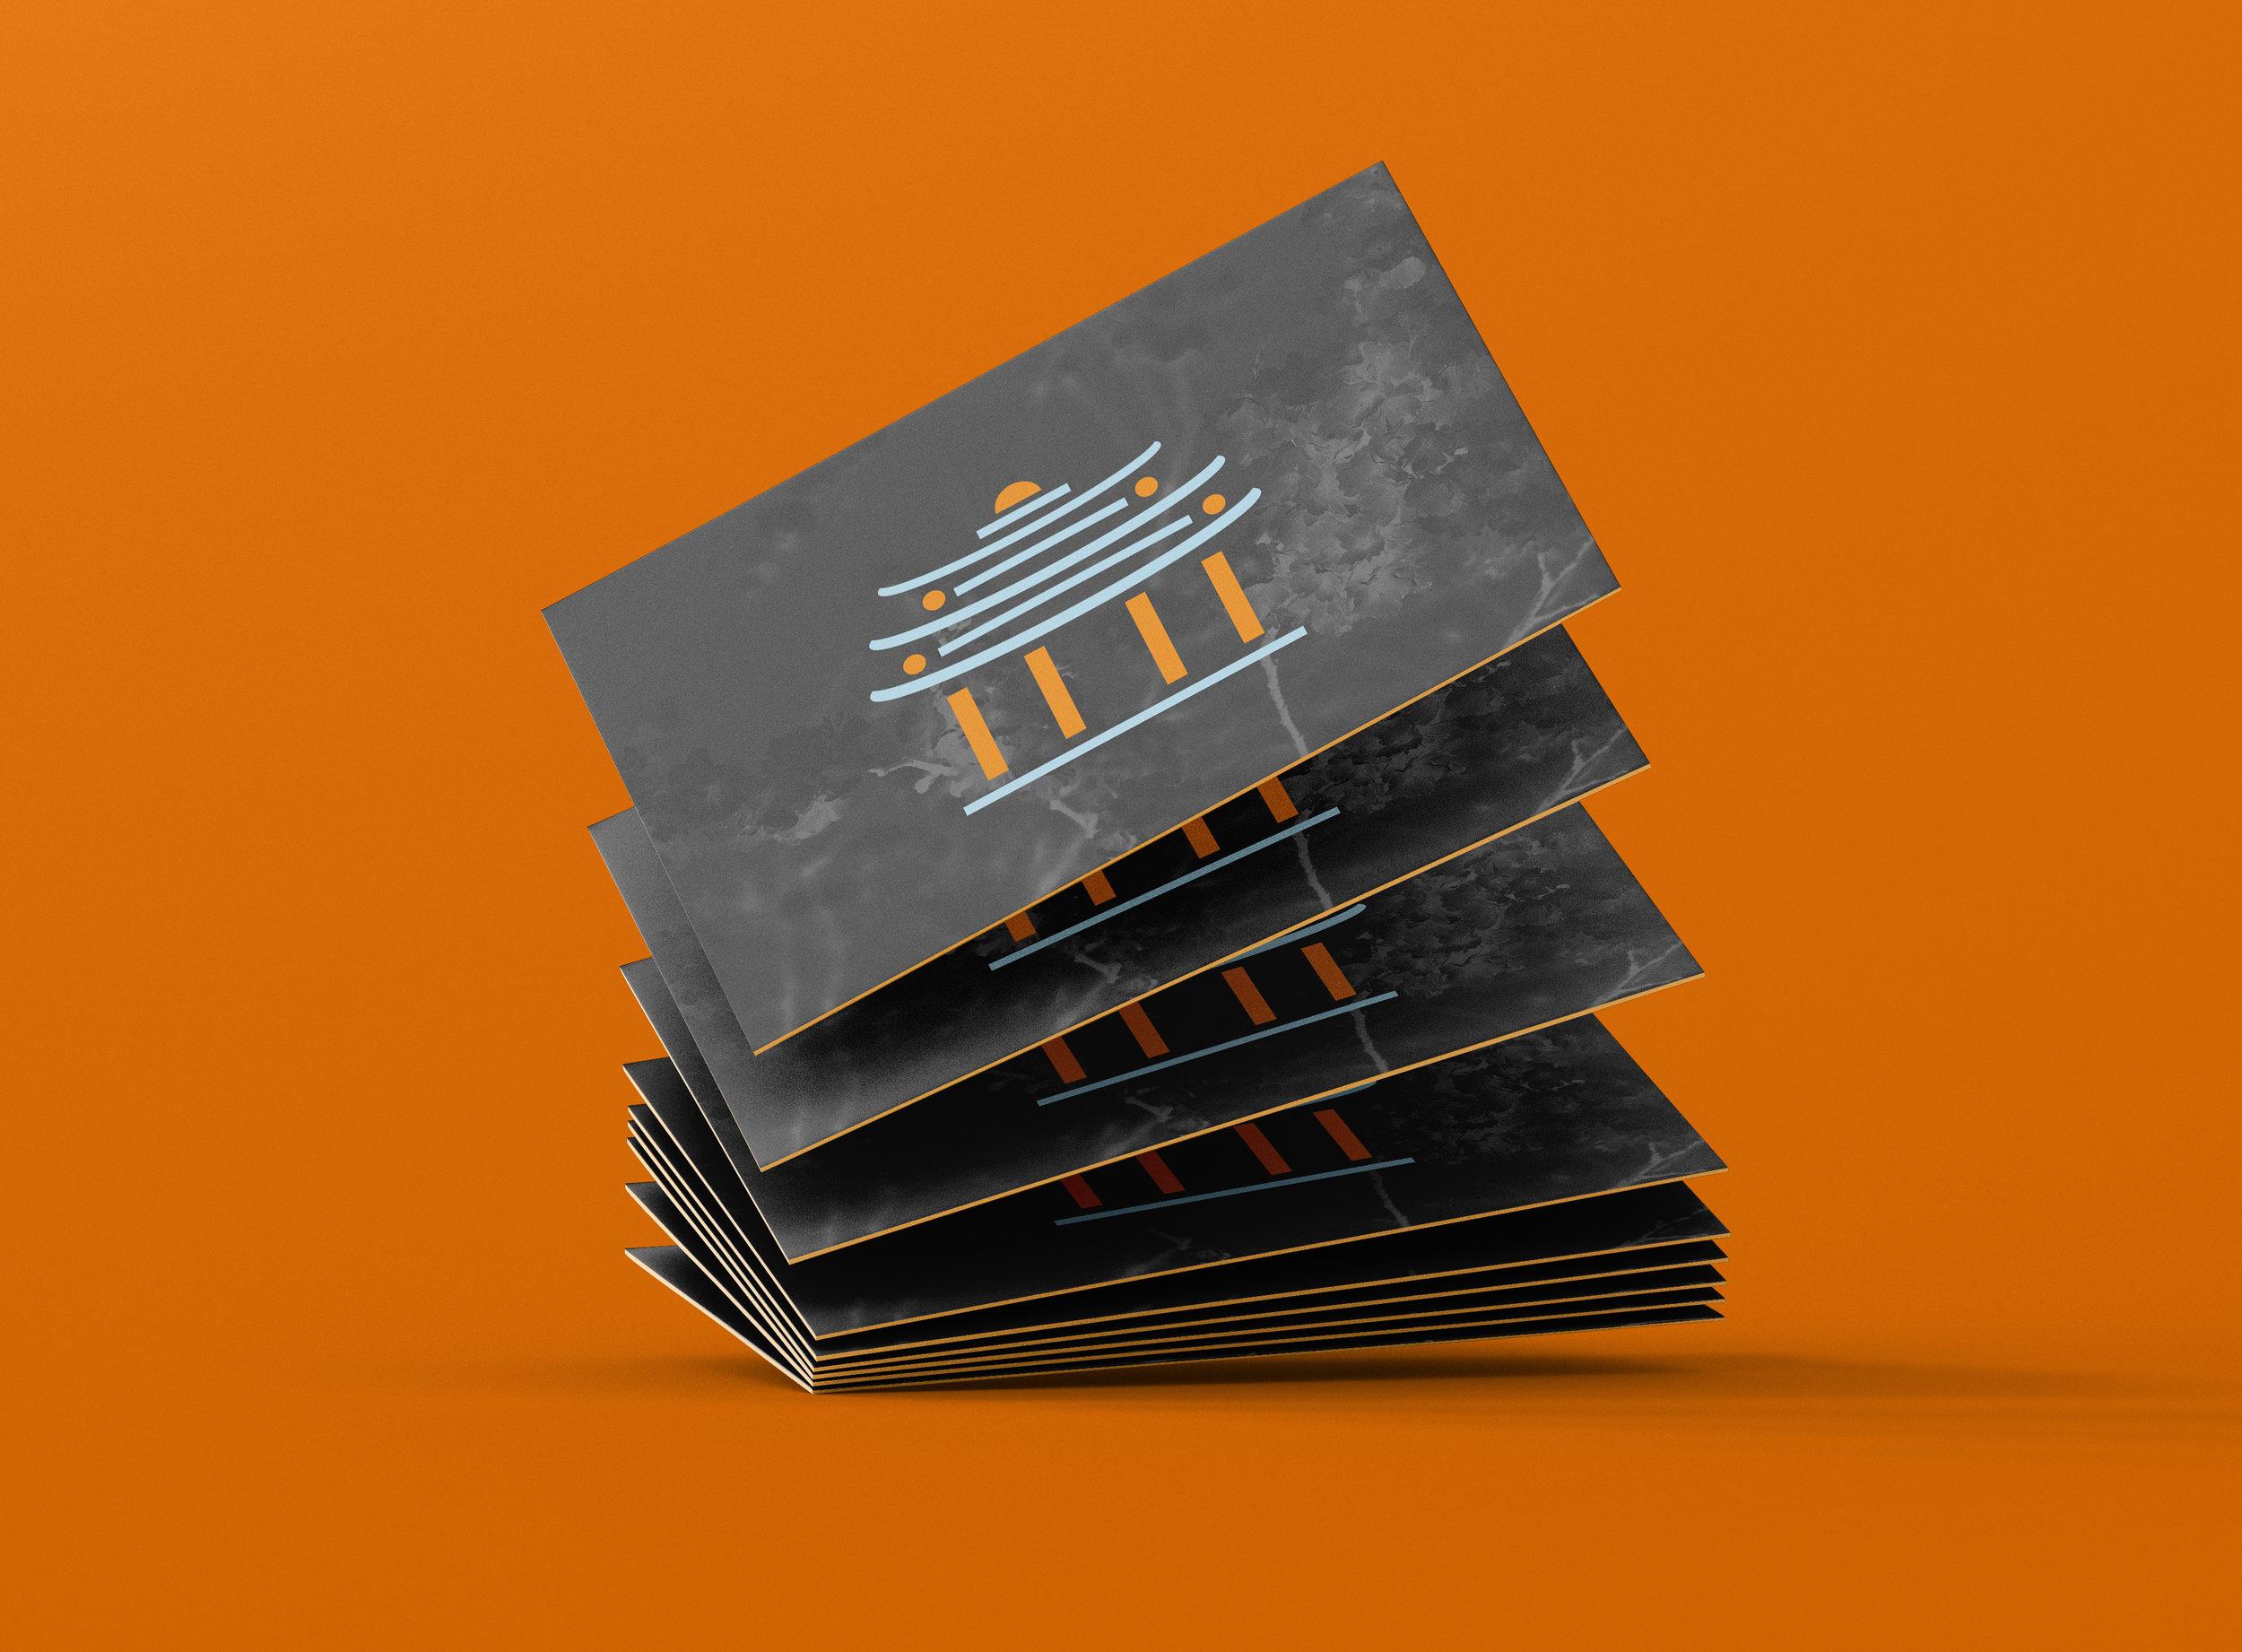 Acupofpeacebusinesscards.jpg